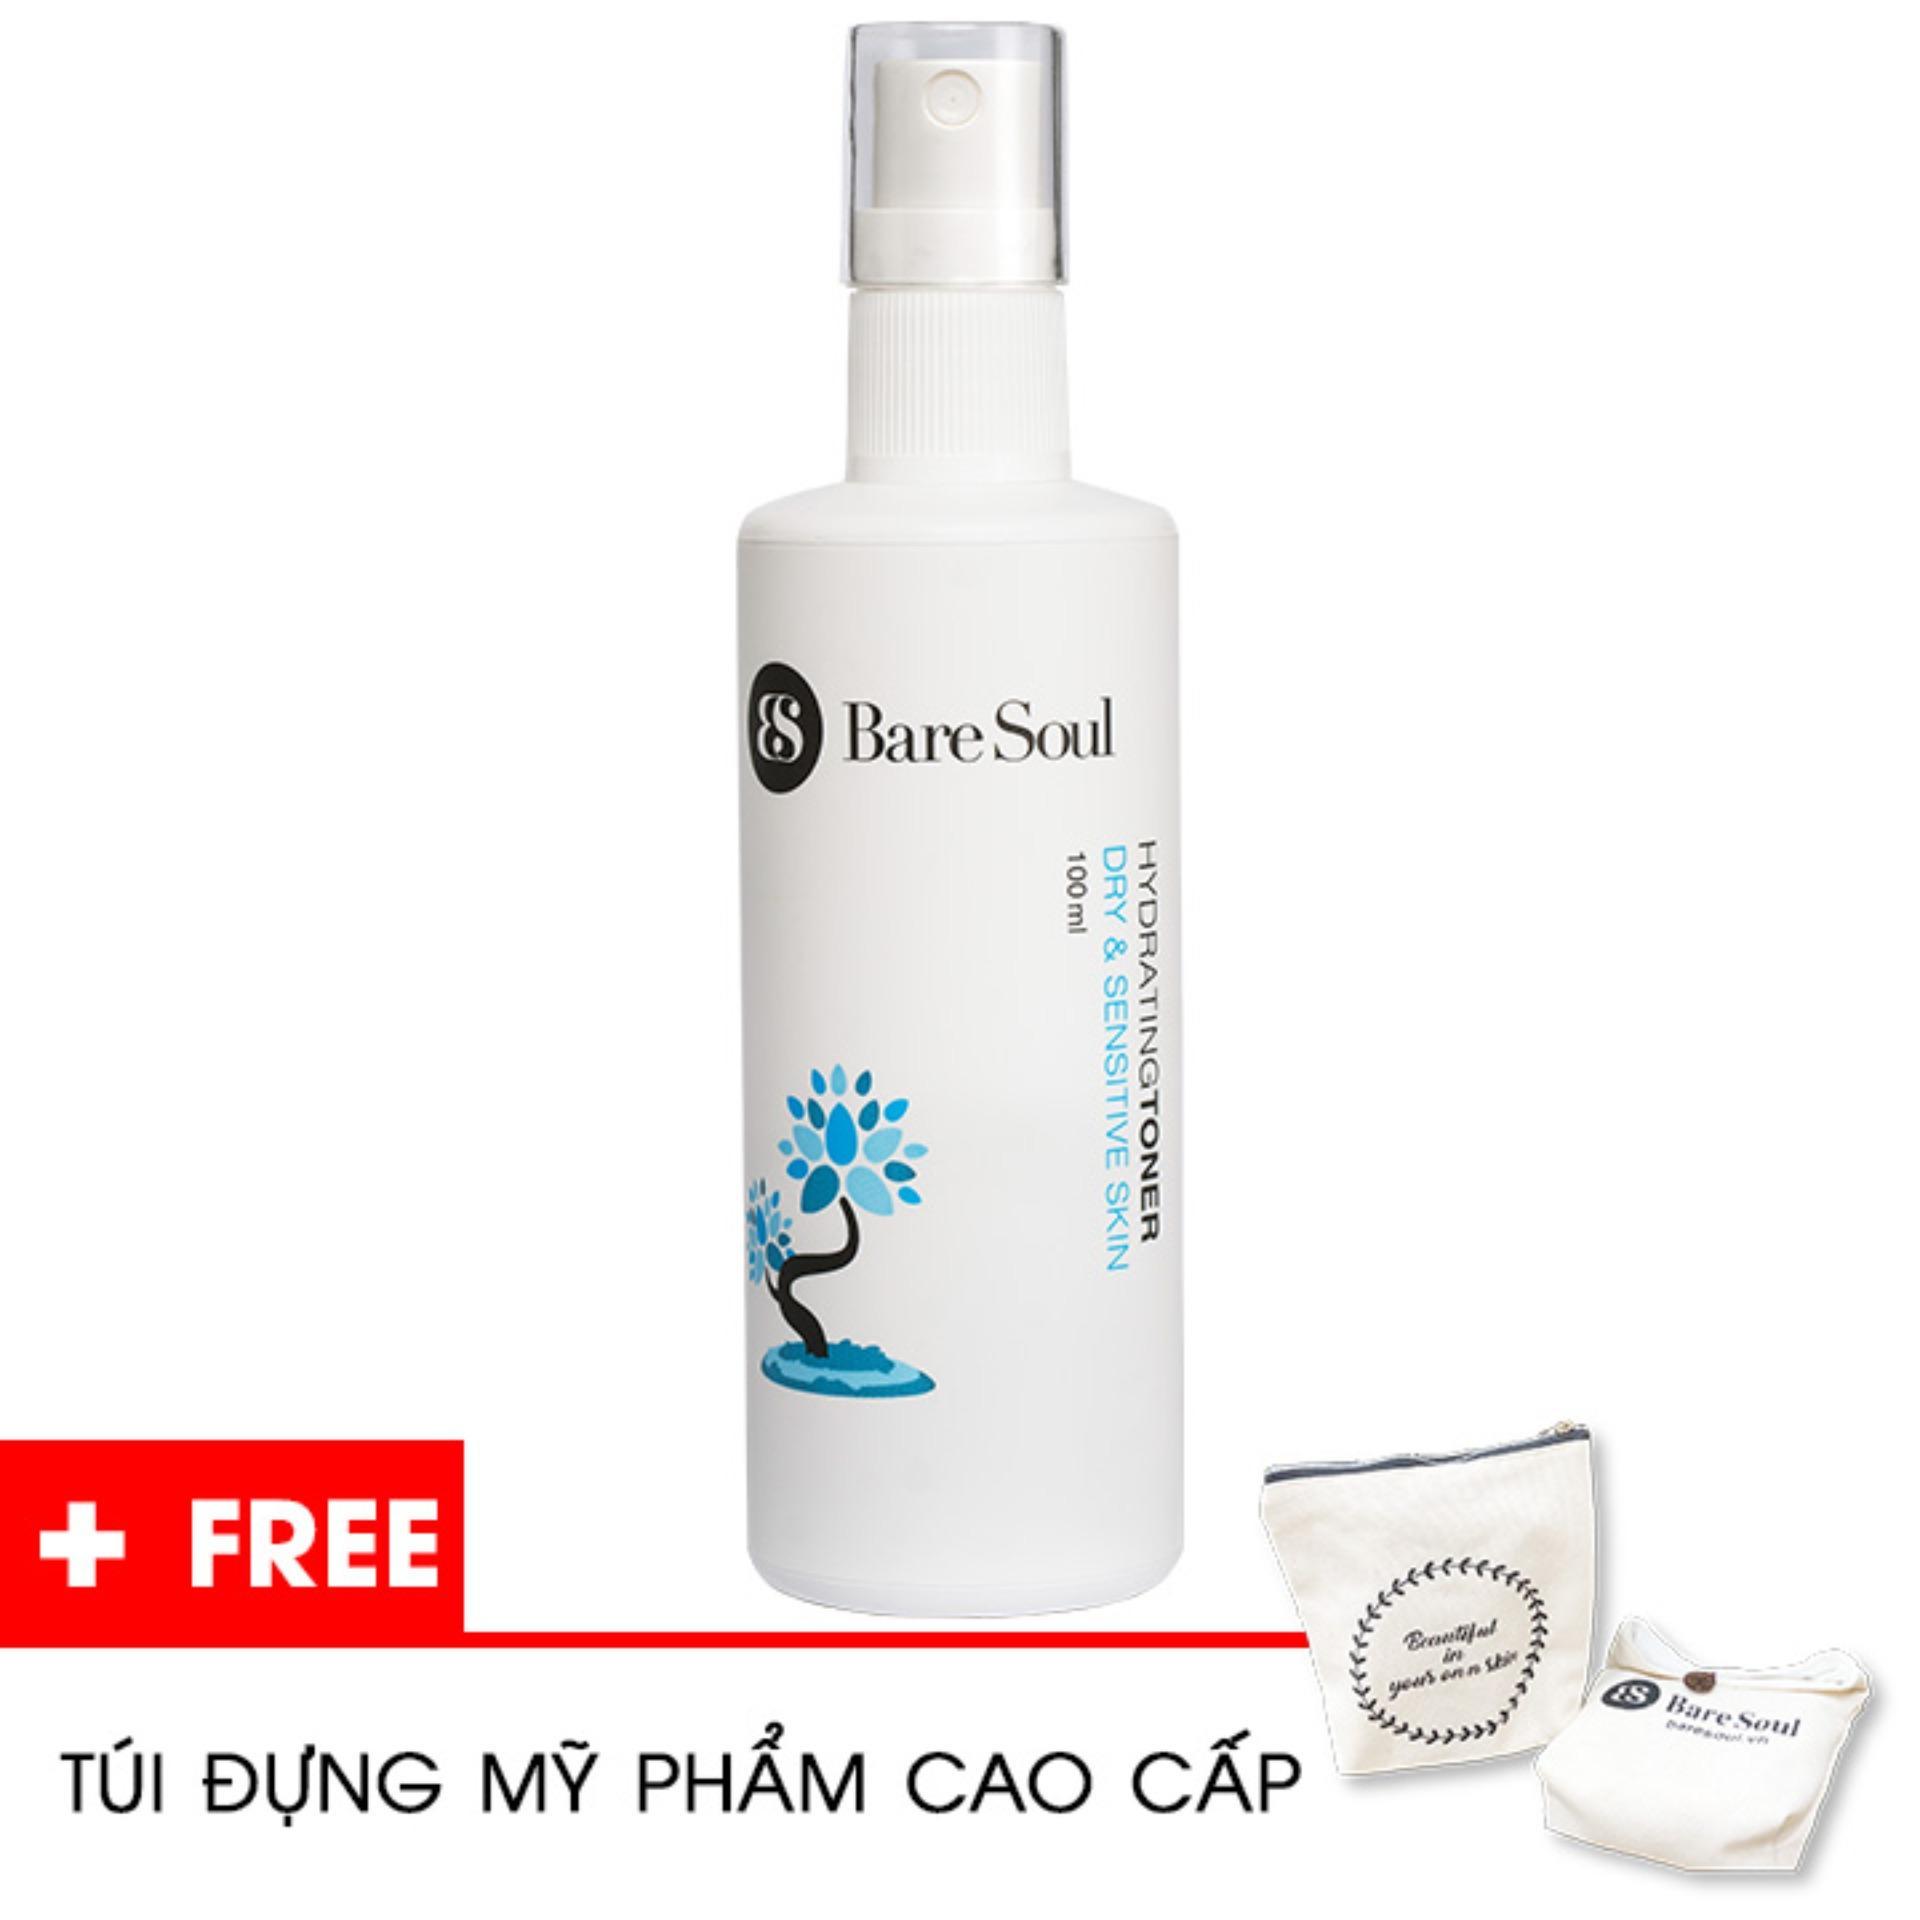 Nước hoa hồng nuôi dưỡng BareSoul – Da khô & da nhạy cảm full-size 100ml – Hàng chính hãng – Hydrating Toner Dry & Sensitive Skin + Tặng túi mỹ phẩm cao cấp